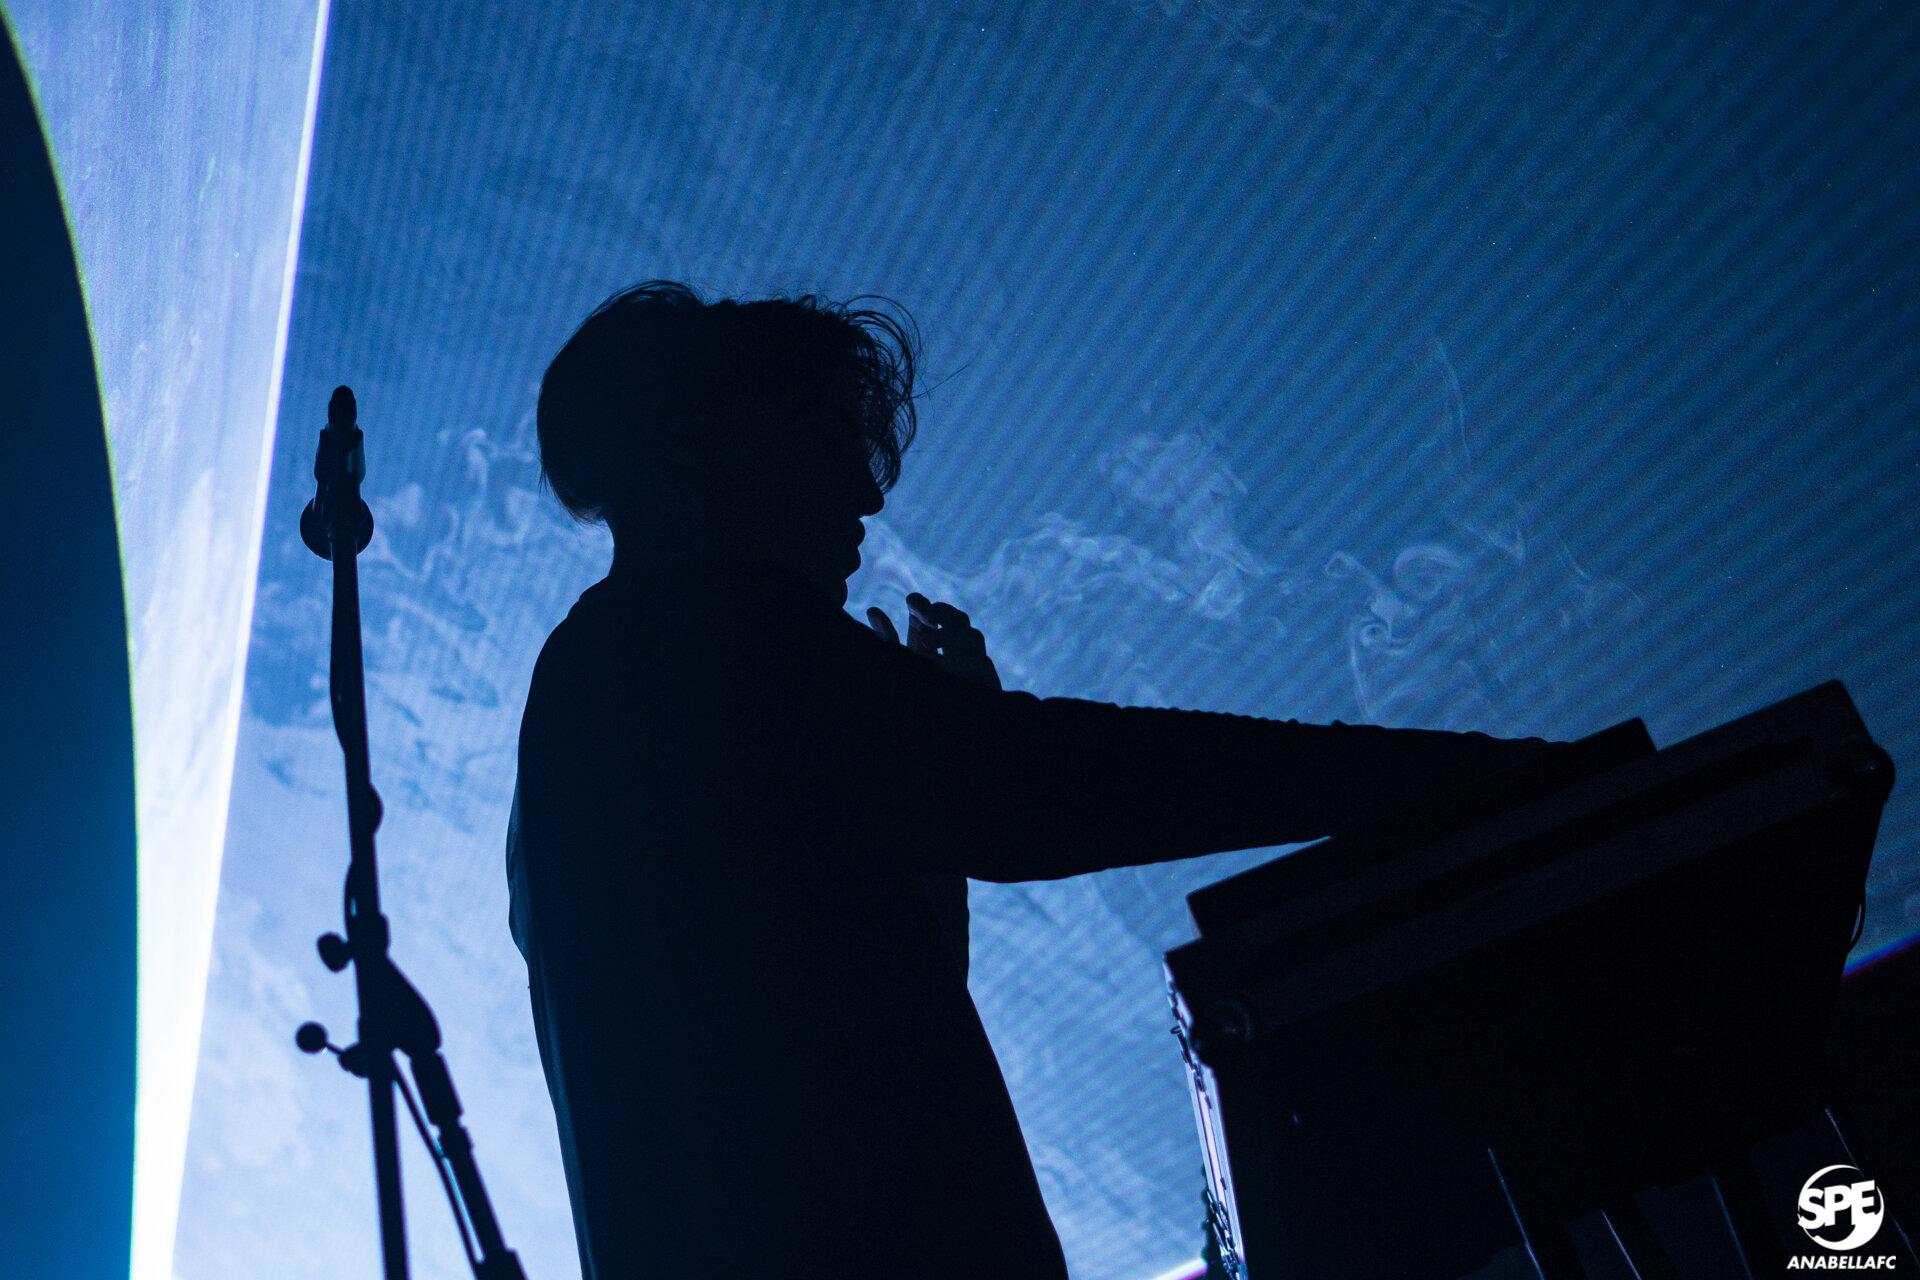 """La banda argentina """"Peces Raros"""" se prensetó en Niceto Club (Buenos Aires, Argentina) el sábado 14 de Septiembre de 2019. La apertura de la noche estuvo a cargo de Varese, otra banda local. 14 de Septiembre de 2019. Foto de: Anabella Fernandez Coria"""